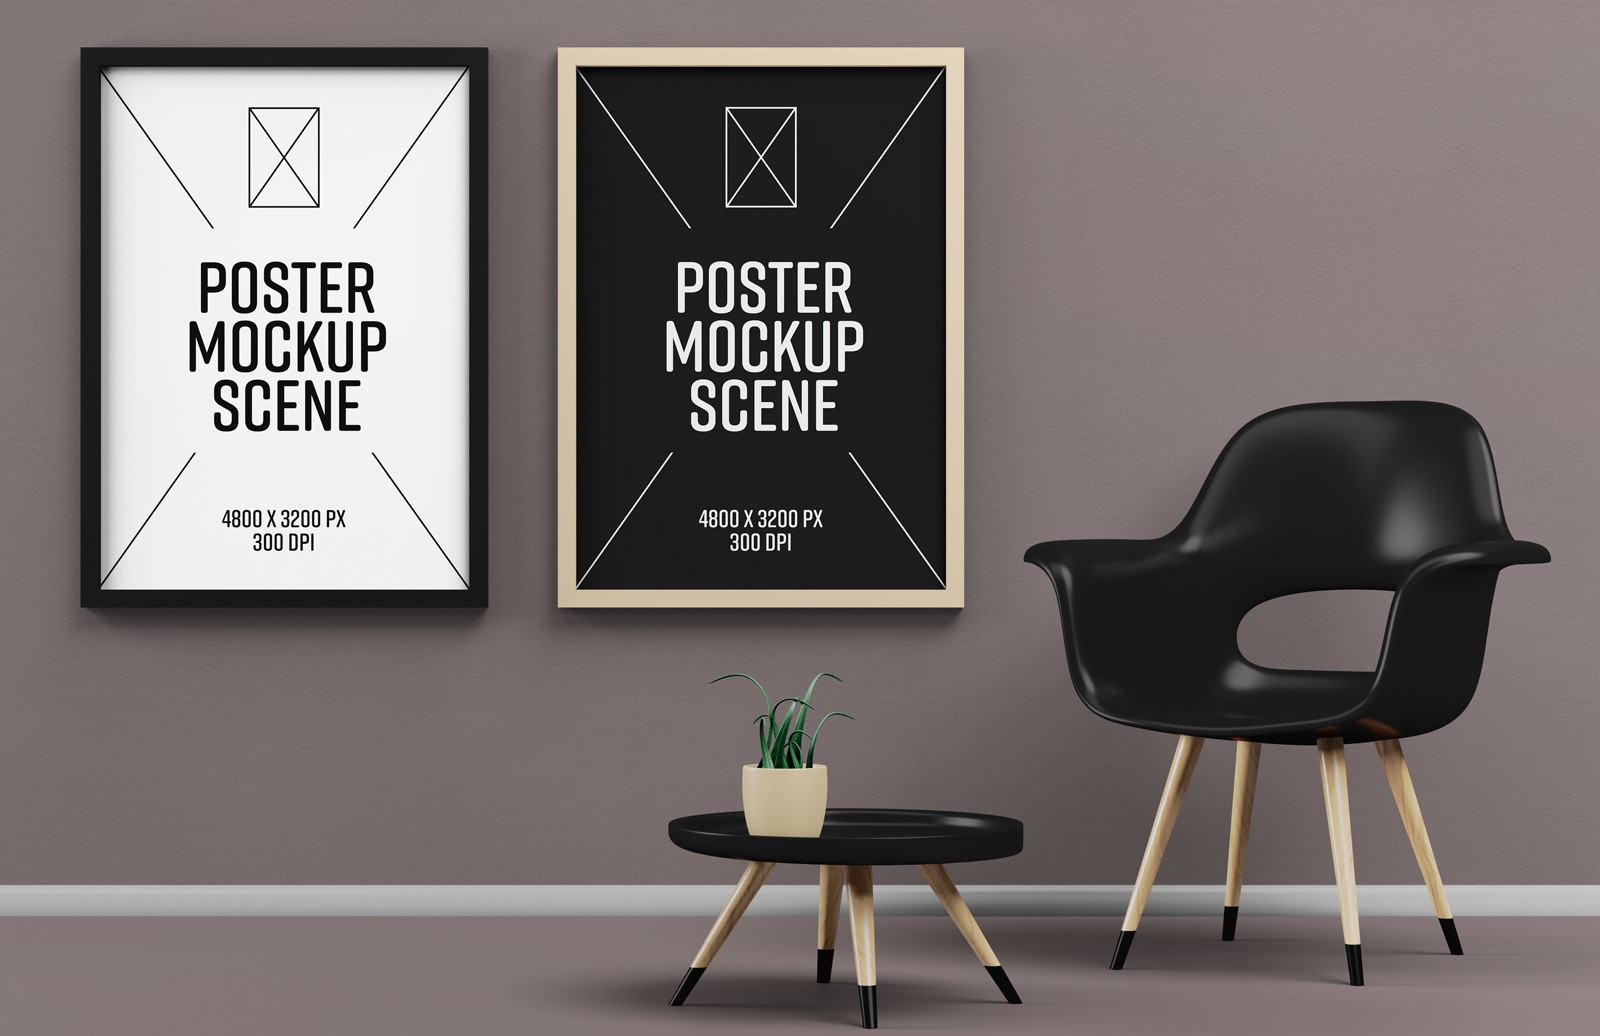 Poster Mockup Scene Preview 1